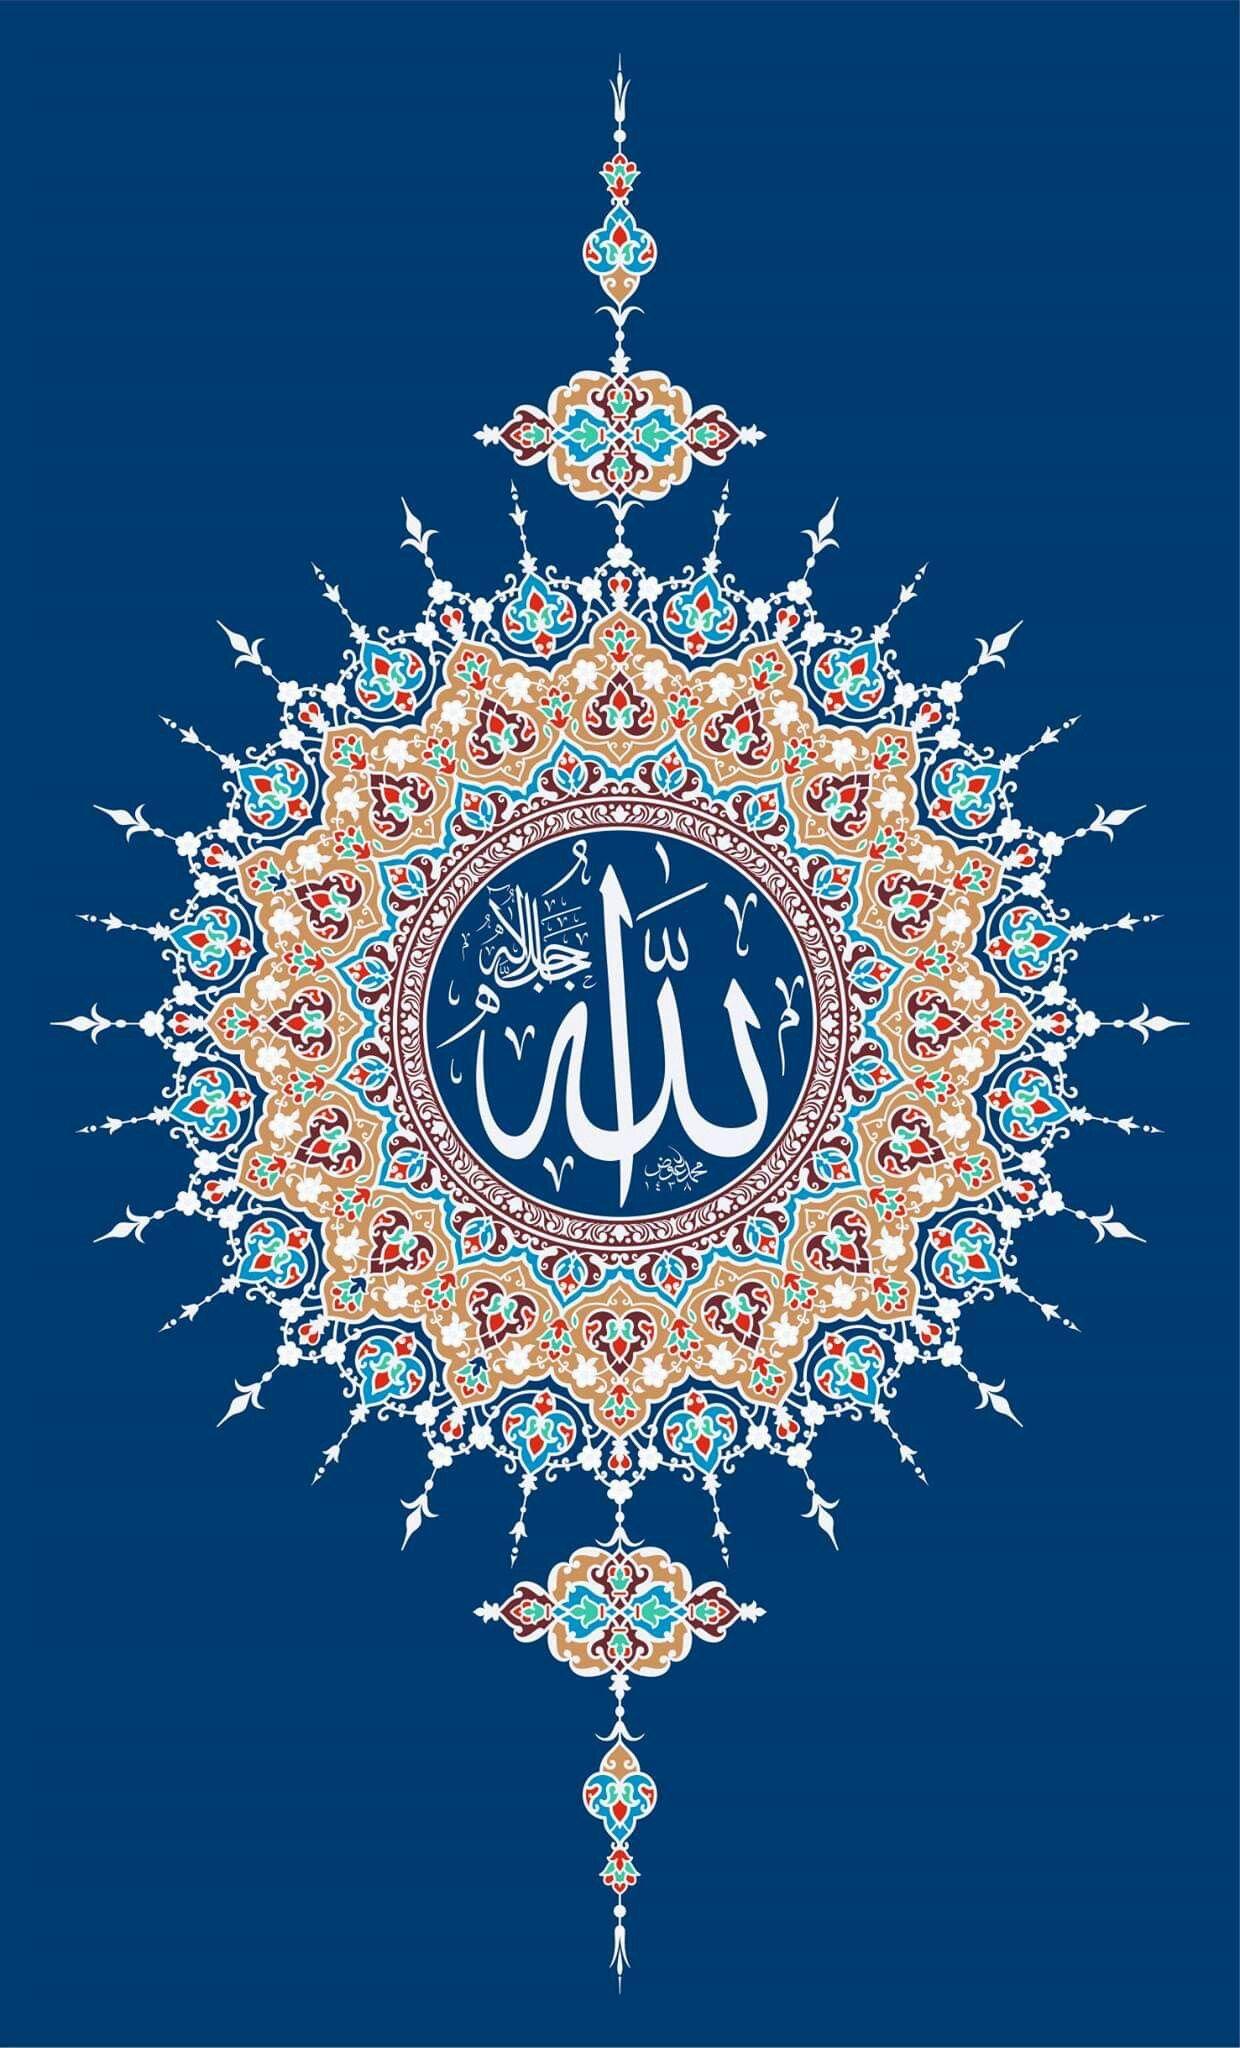 Pin Oleh Shawn Dorr Di Art Seni Kaligrafi Seni Islamis Seni Arab